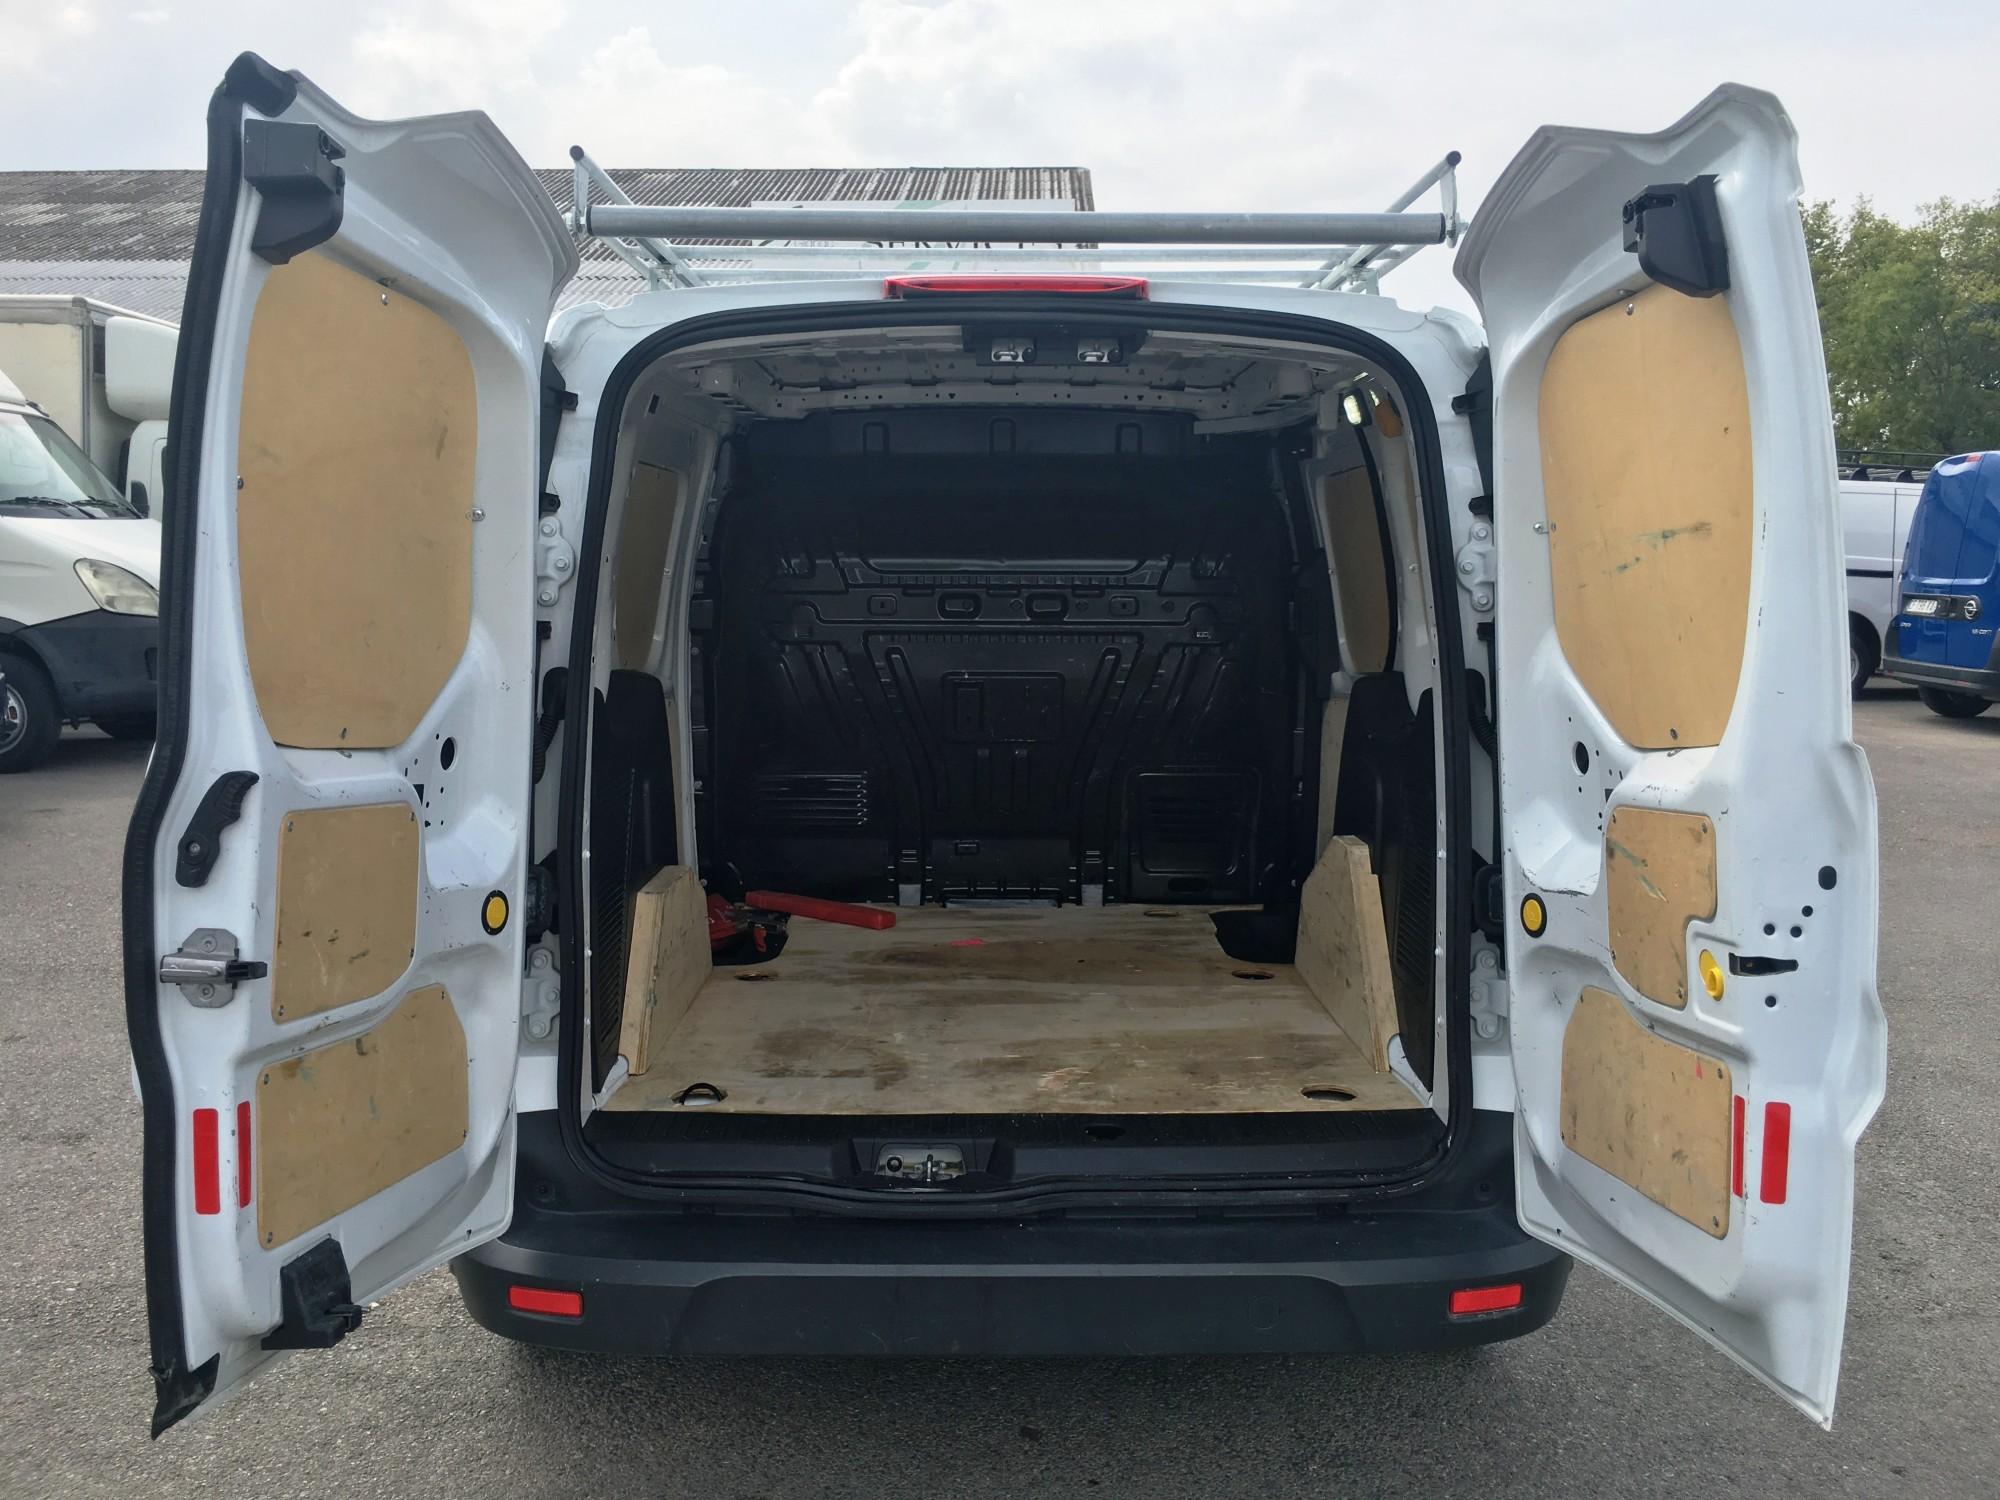 ford transit connect 1 6 tdci 75 ch clim galerie bois voir dans les bouches du rhone proche de. Black Bedroom Furniture Sets. Home Design Ideas